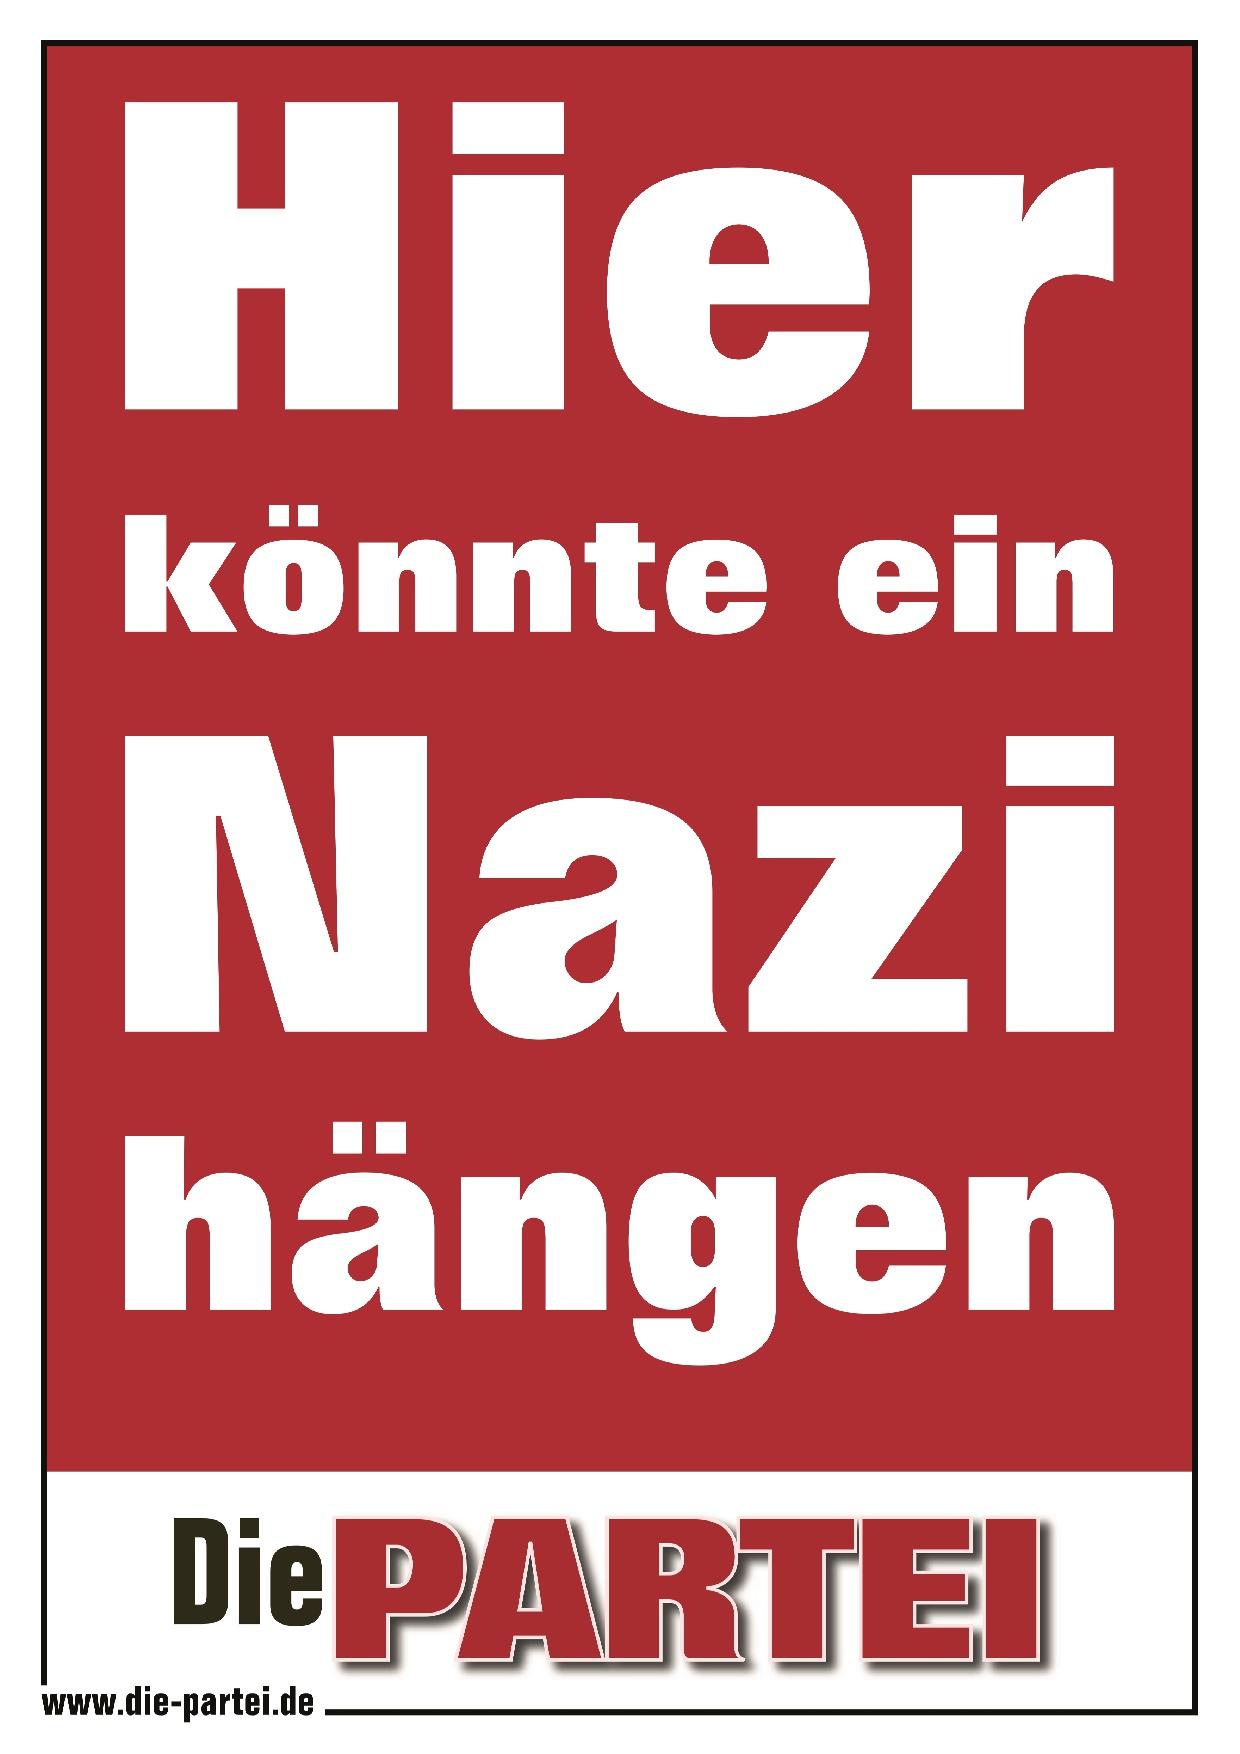 Hier könnte ein Nazi hängen